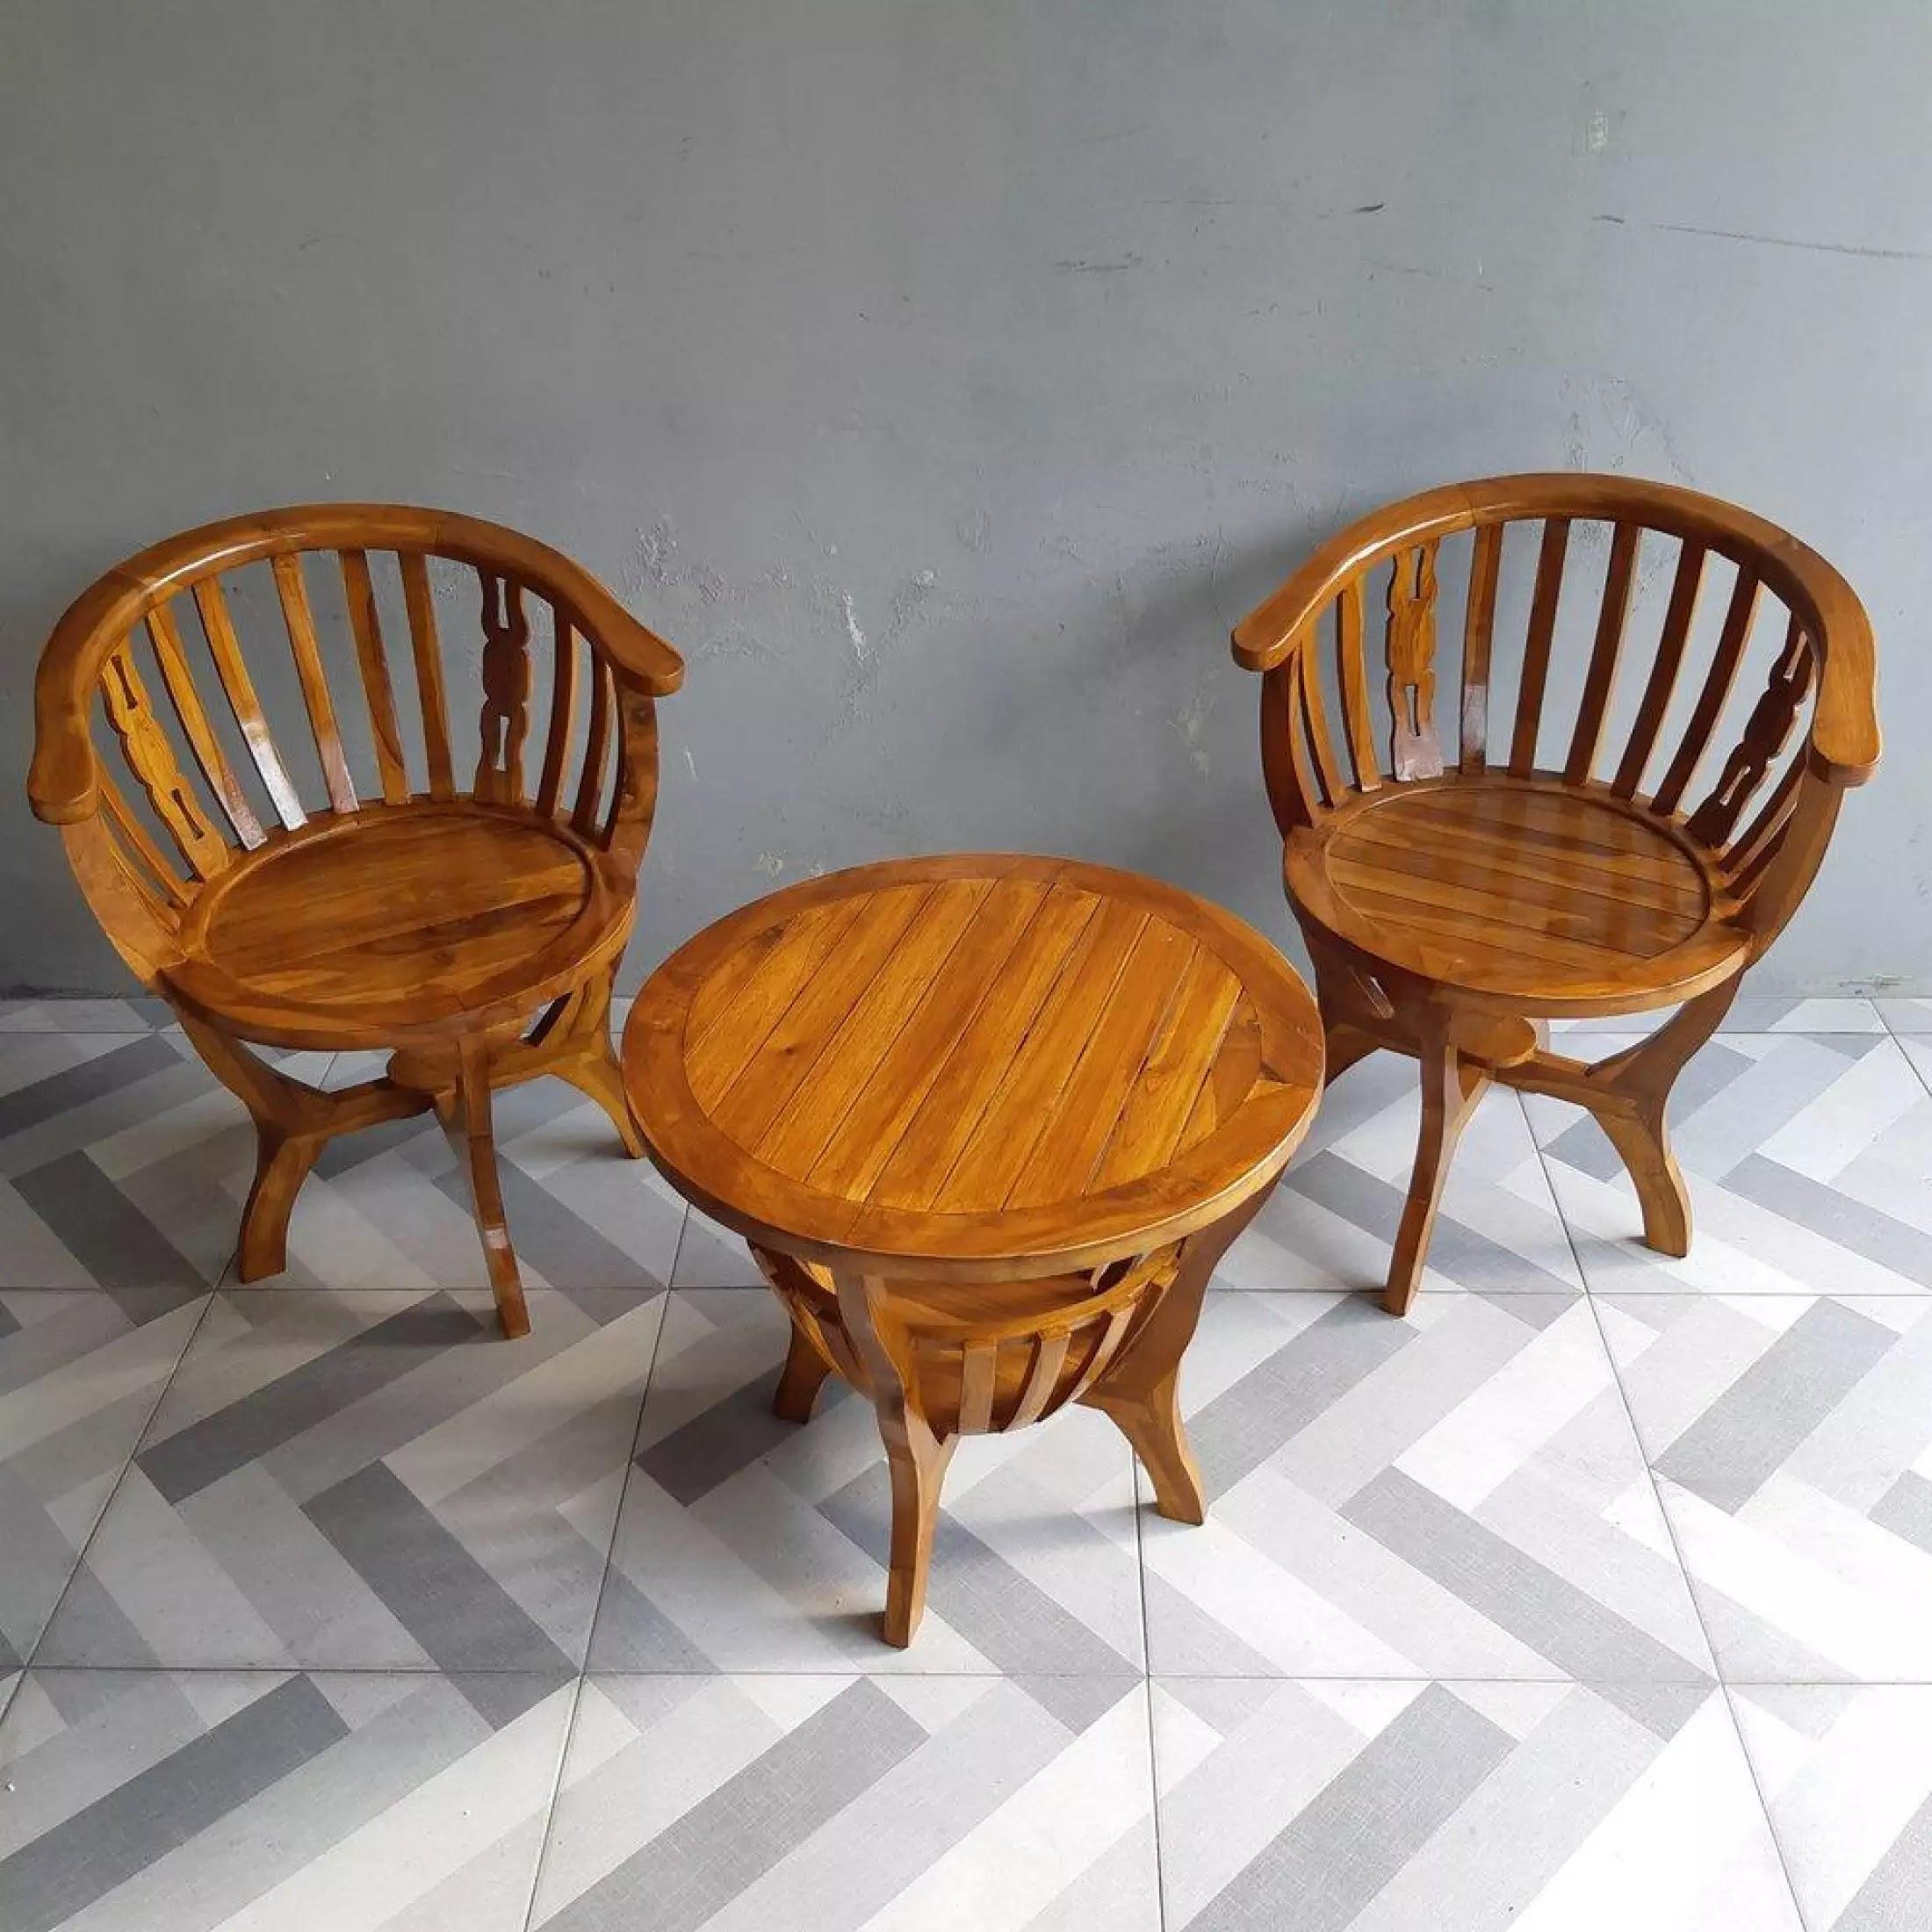 kursi teras kayu jati 2 dudukan